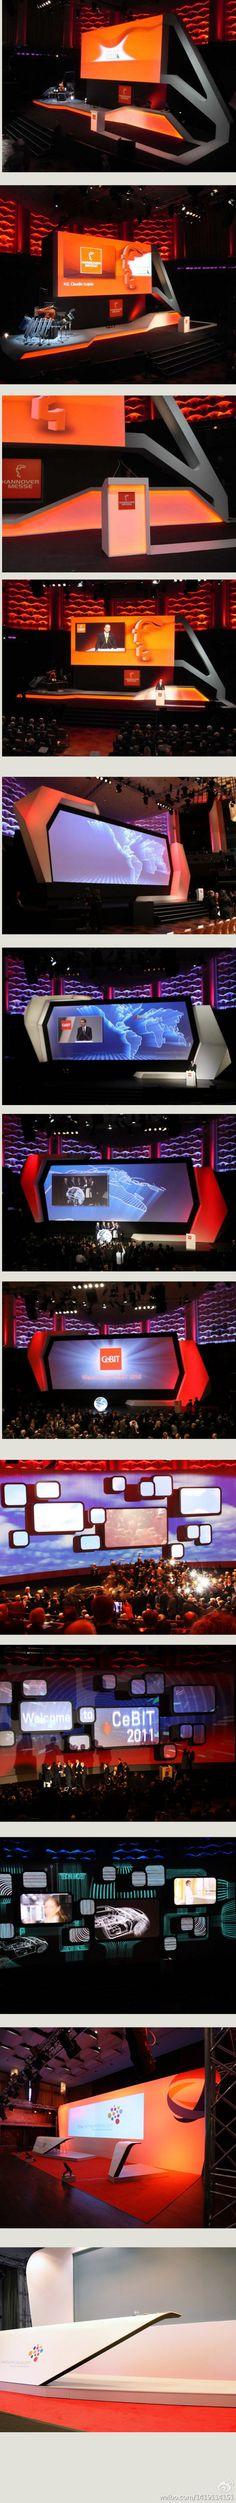 """会场""""舞台""""的造型与灯光设计,柏林。。。..."""